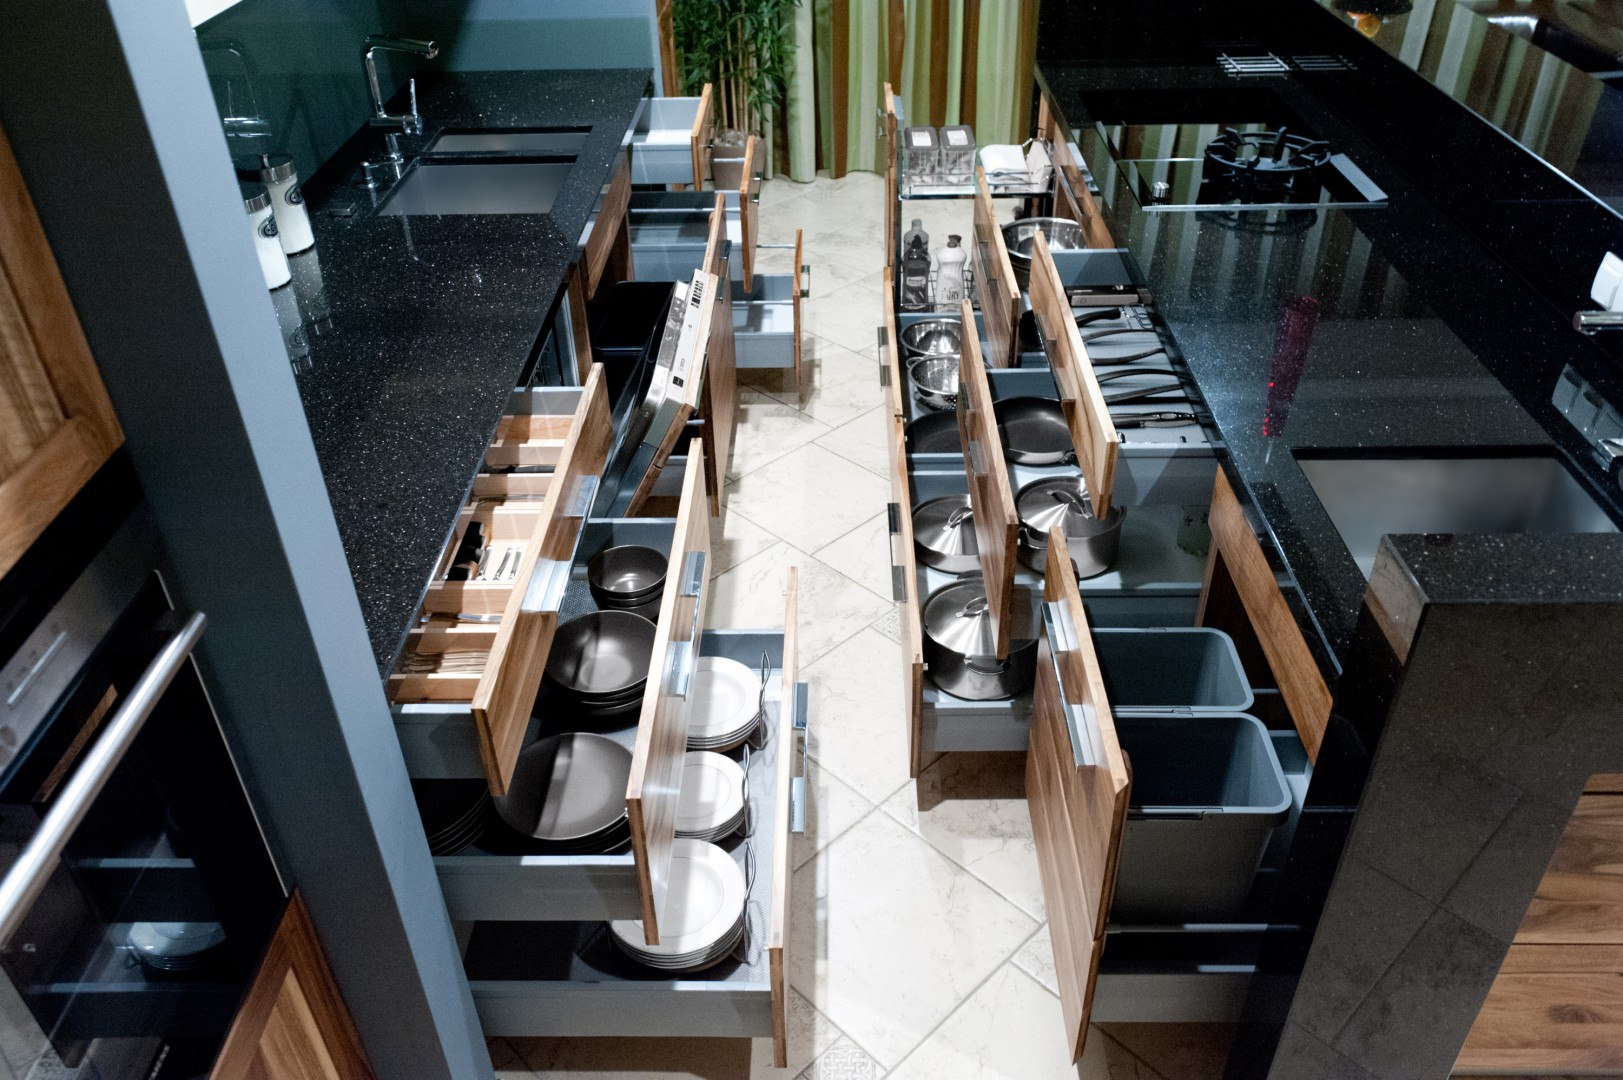 82ef3d7aad714e Systemy organizacji szuflad pozwalają na efektywne zagospodarowanie wnętrza  mebli kuchennych. Fot. Häfele